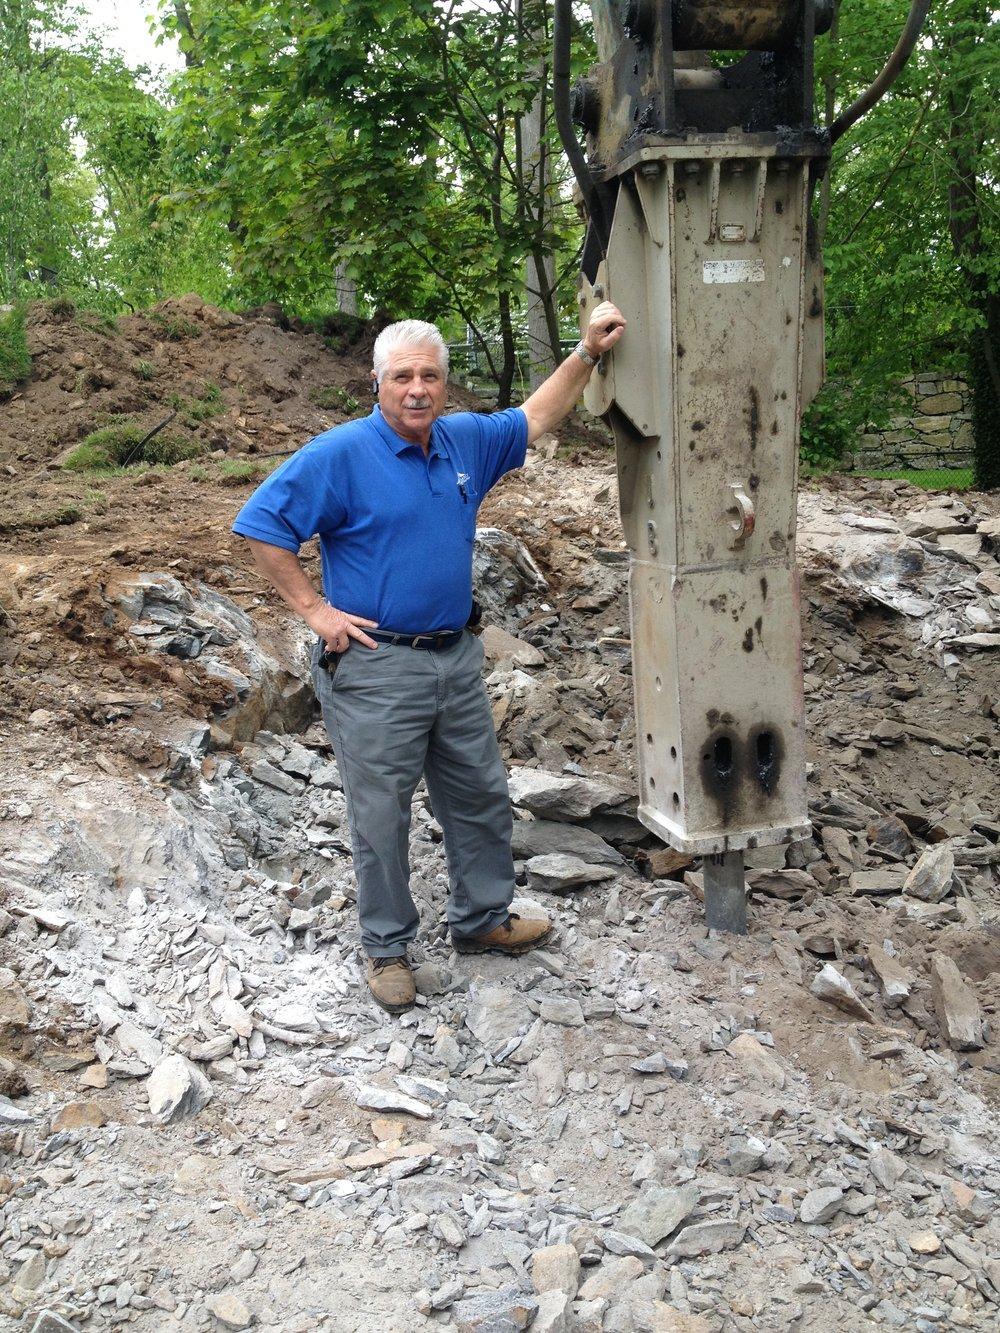 Pleasantville, New York rock excavation company